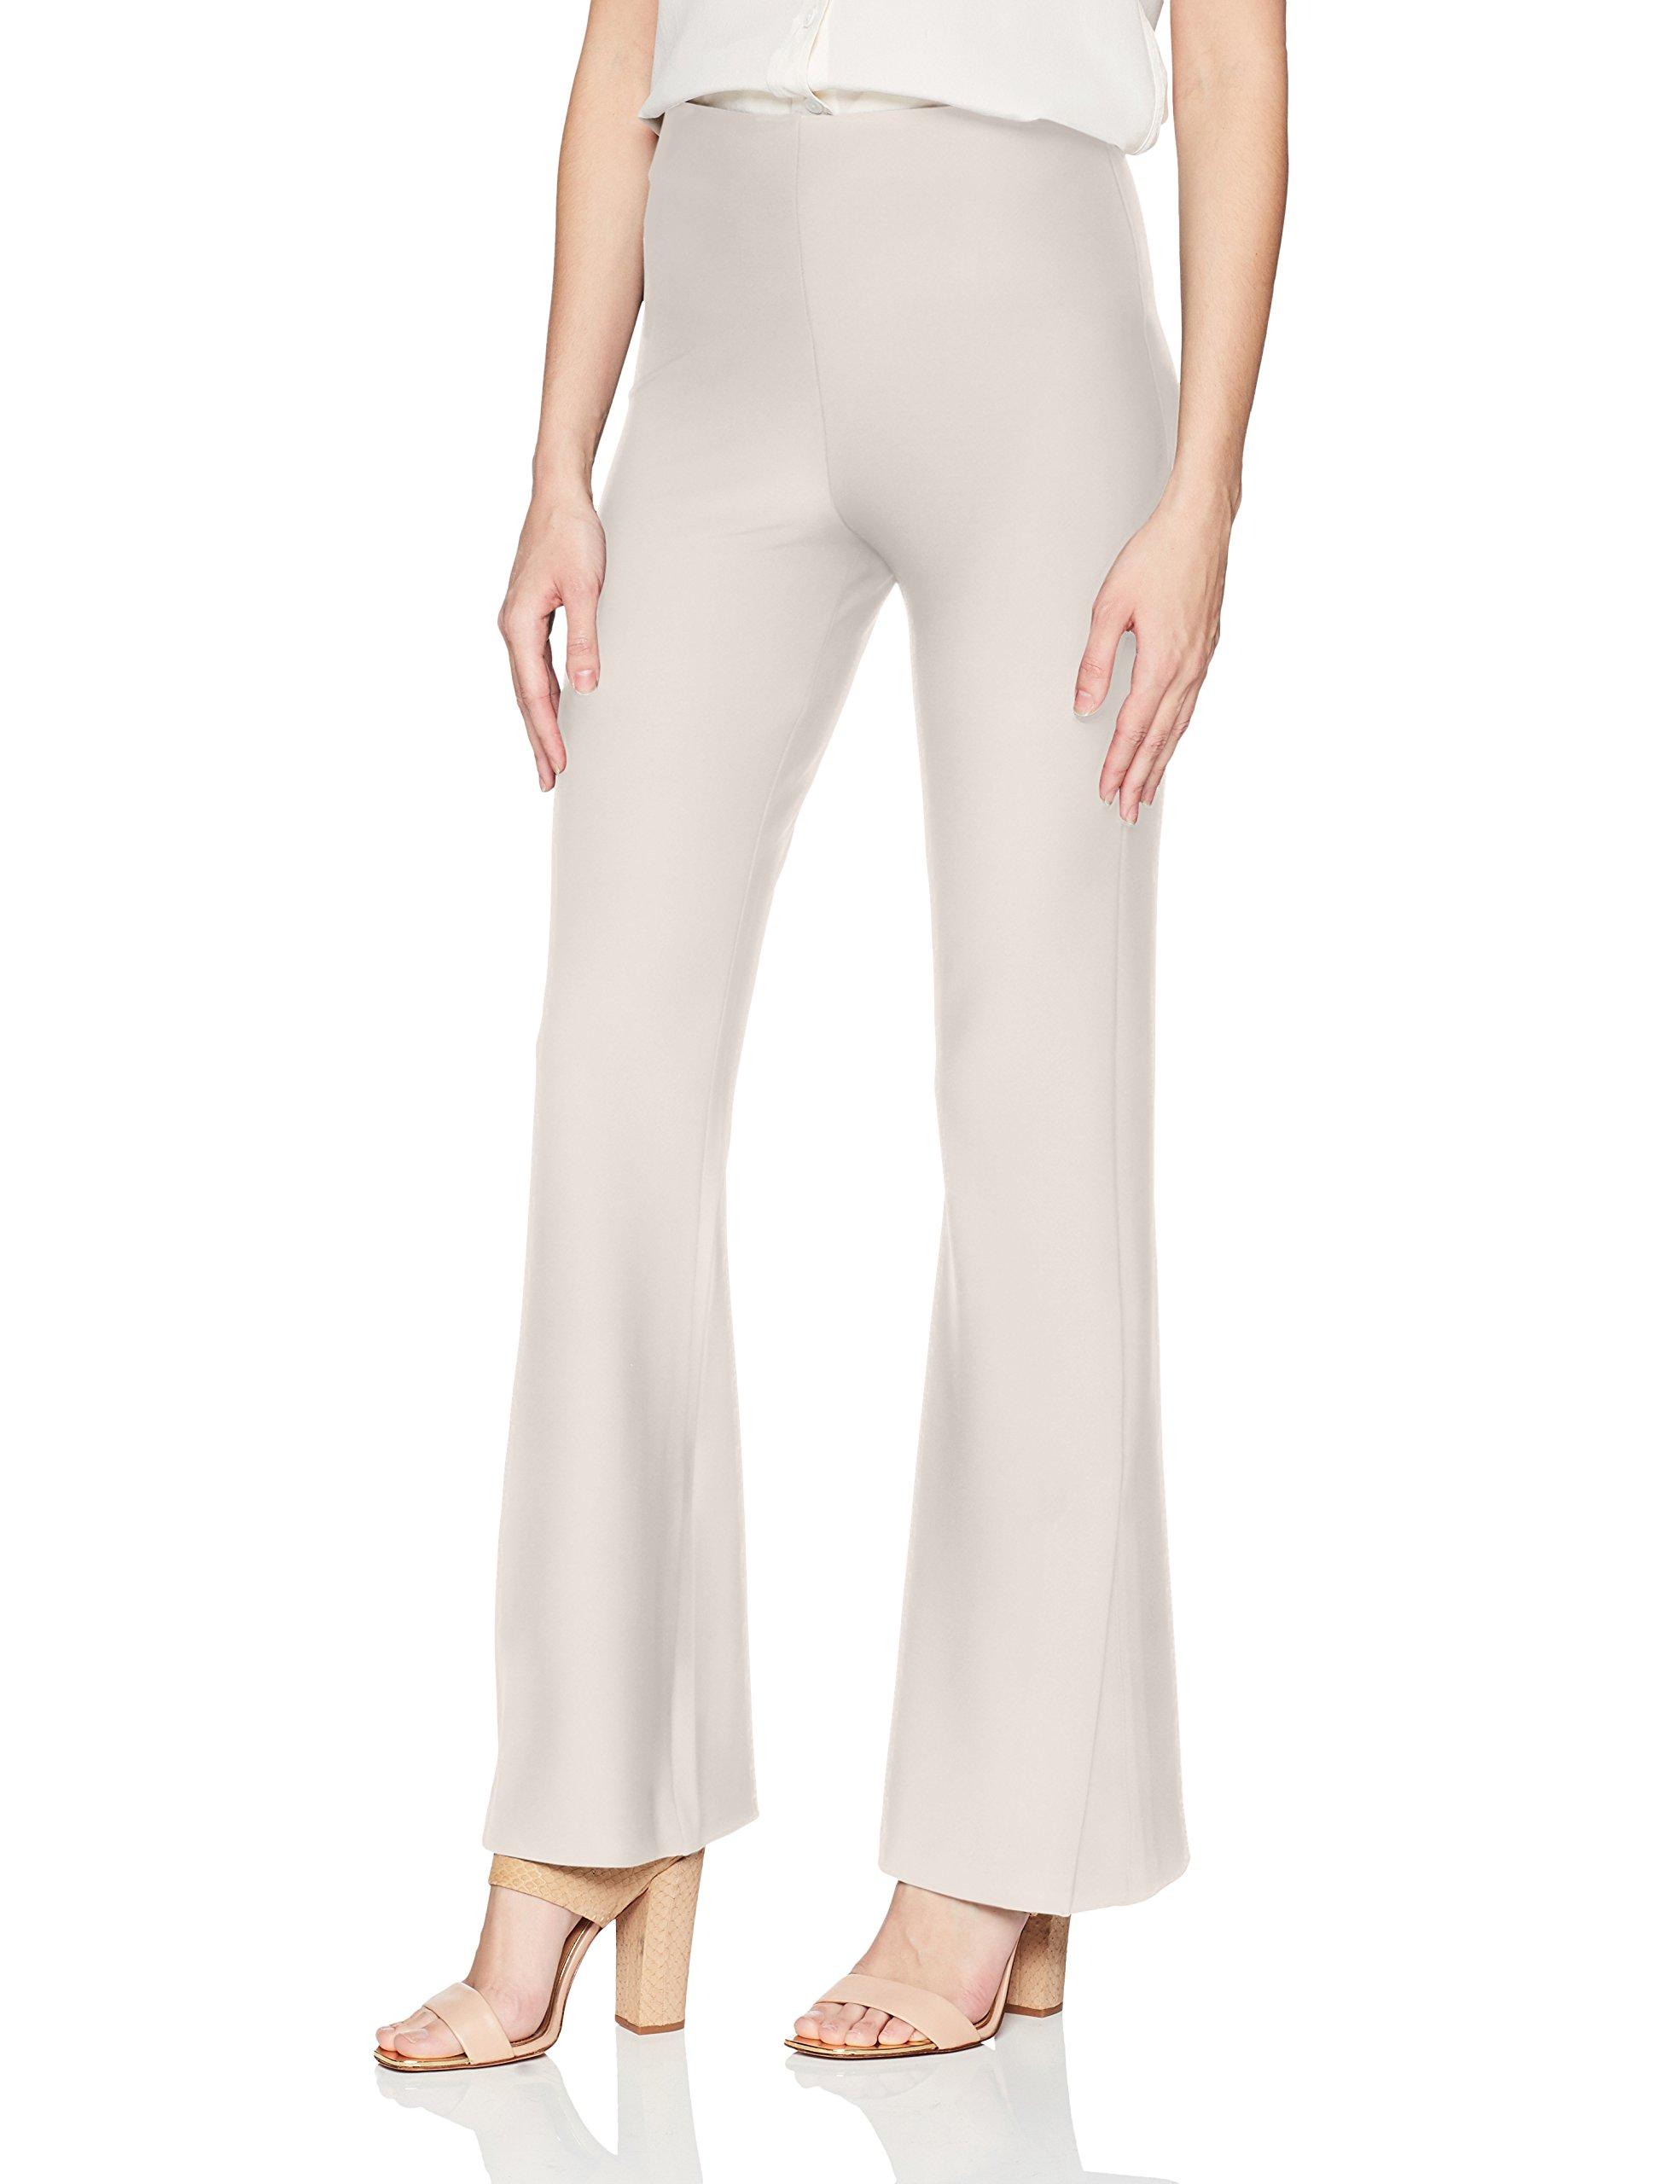 Lyssé Women's Flare Slit Stretch Crepe Pant, Bone, M